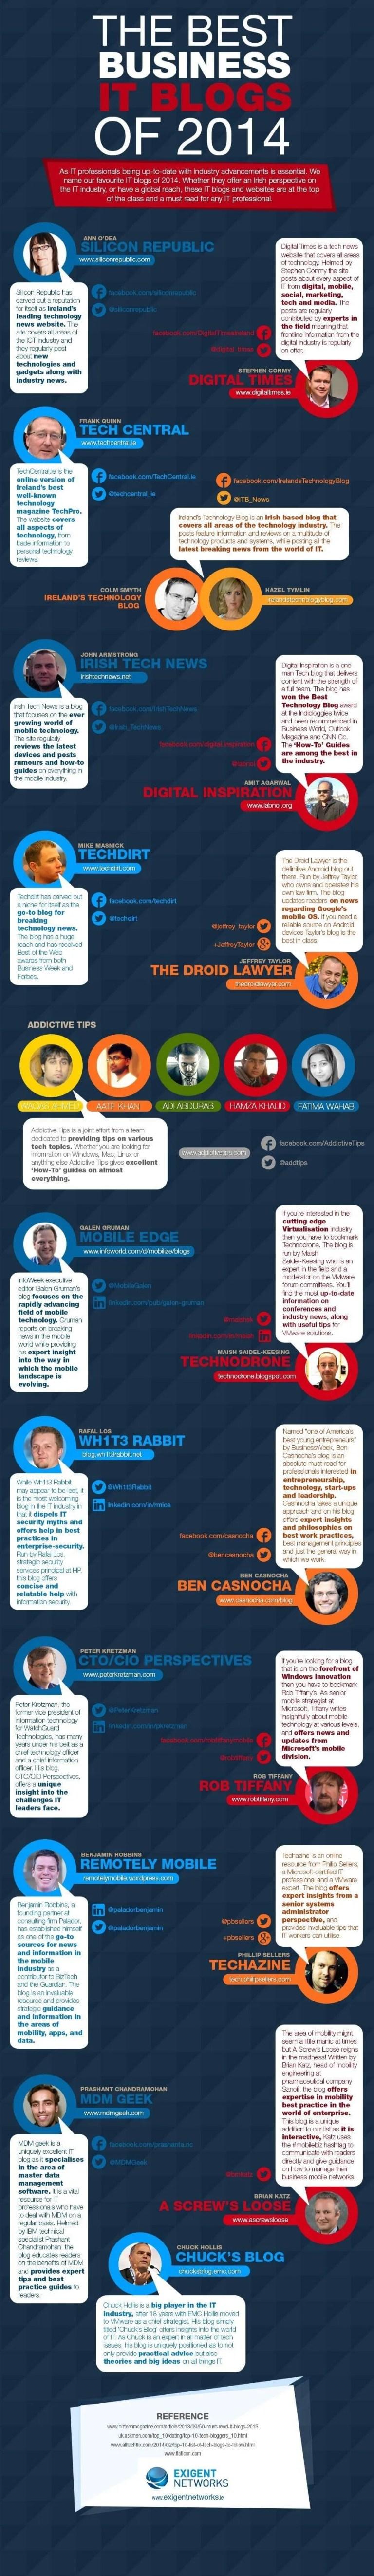 Best IT Blogs Of 2014